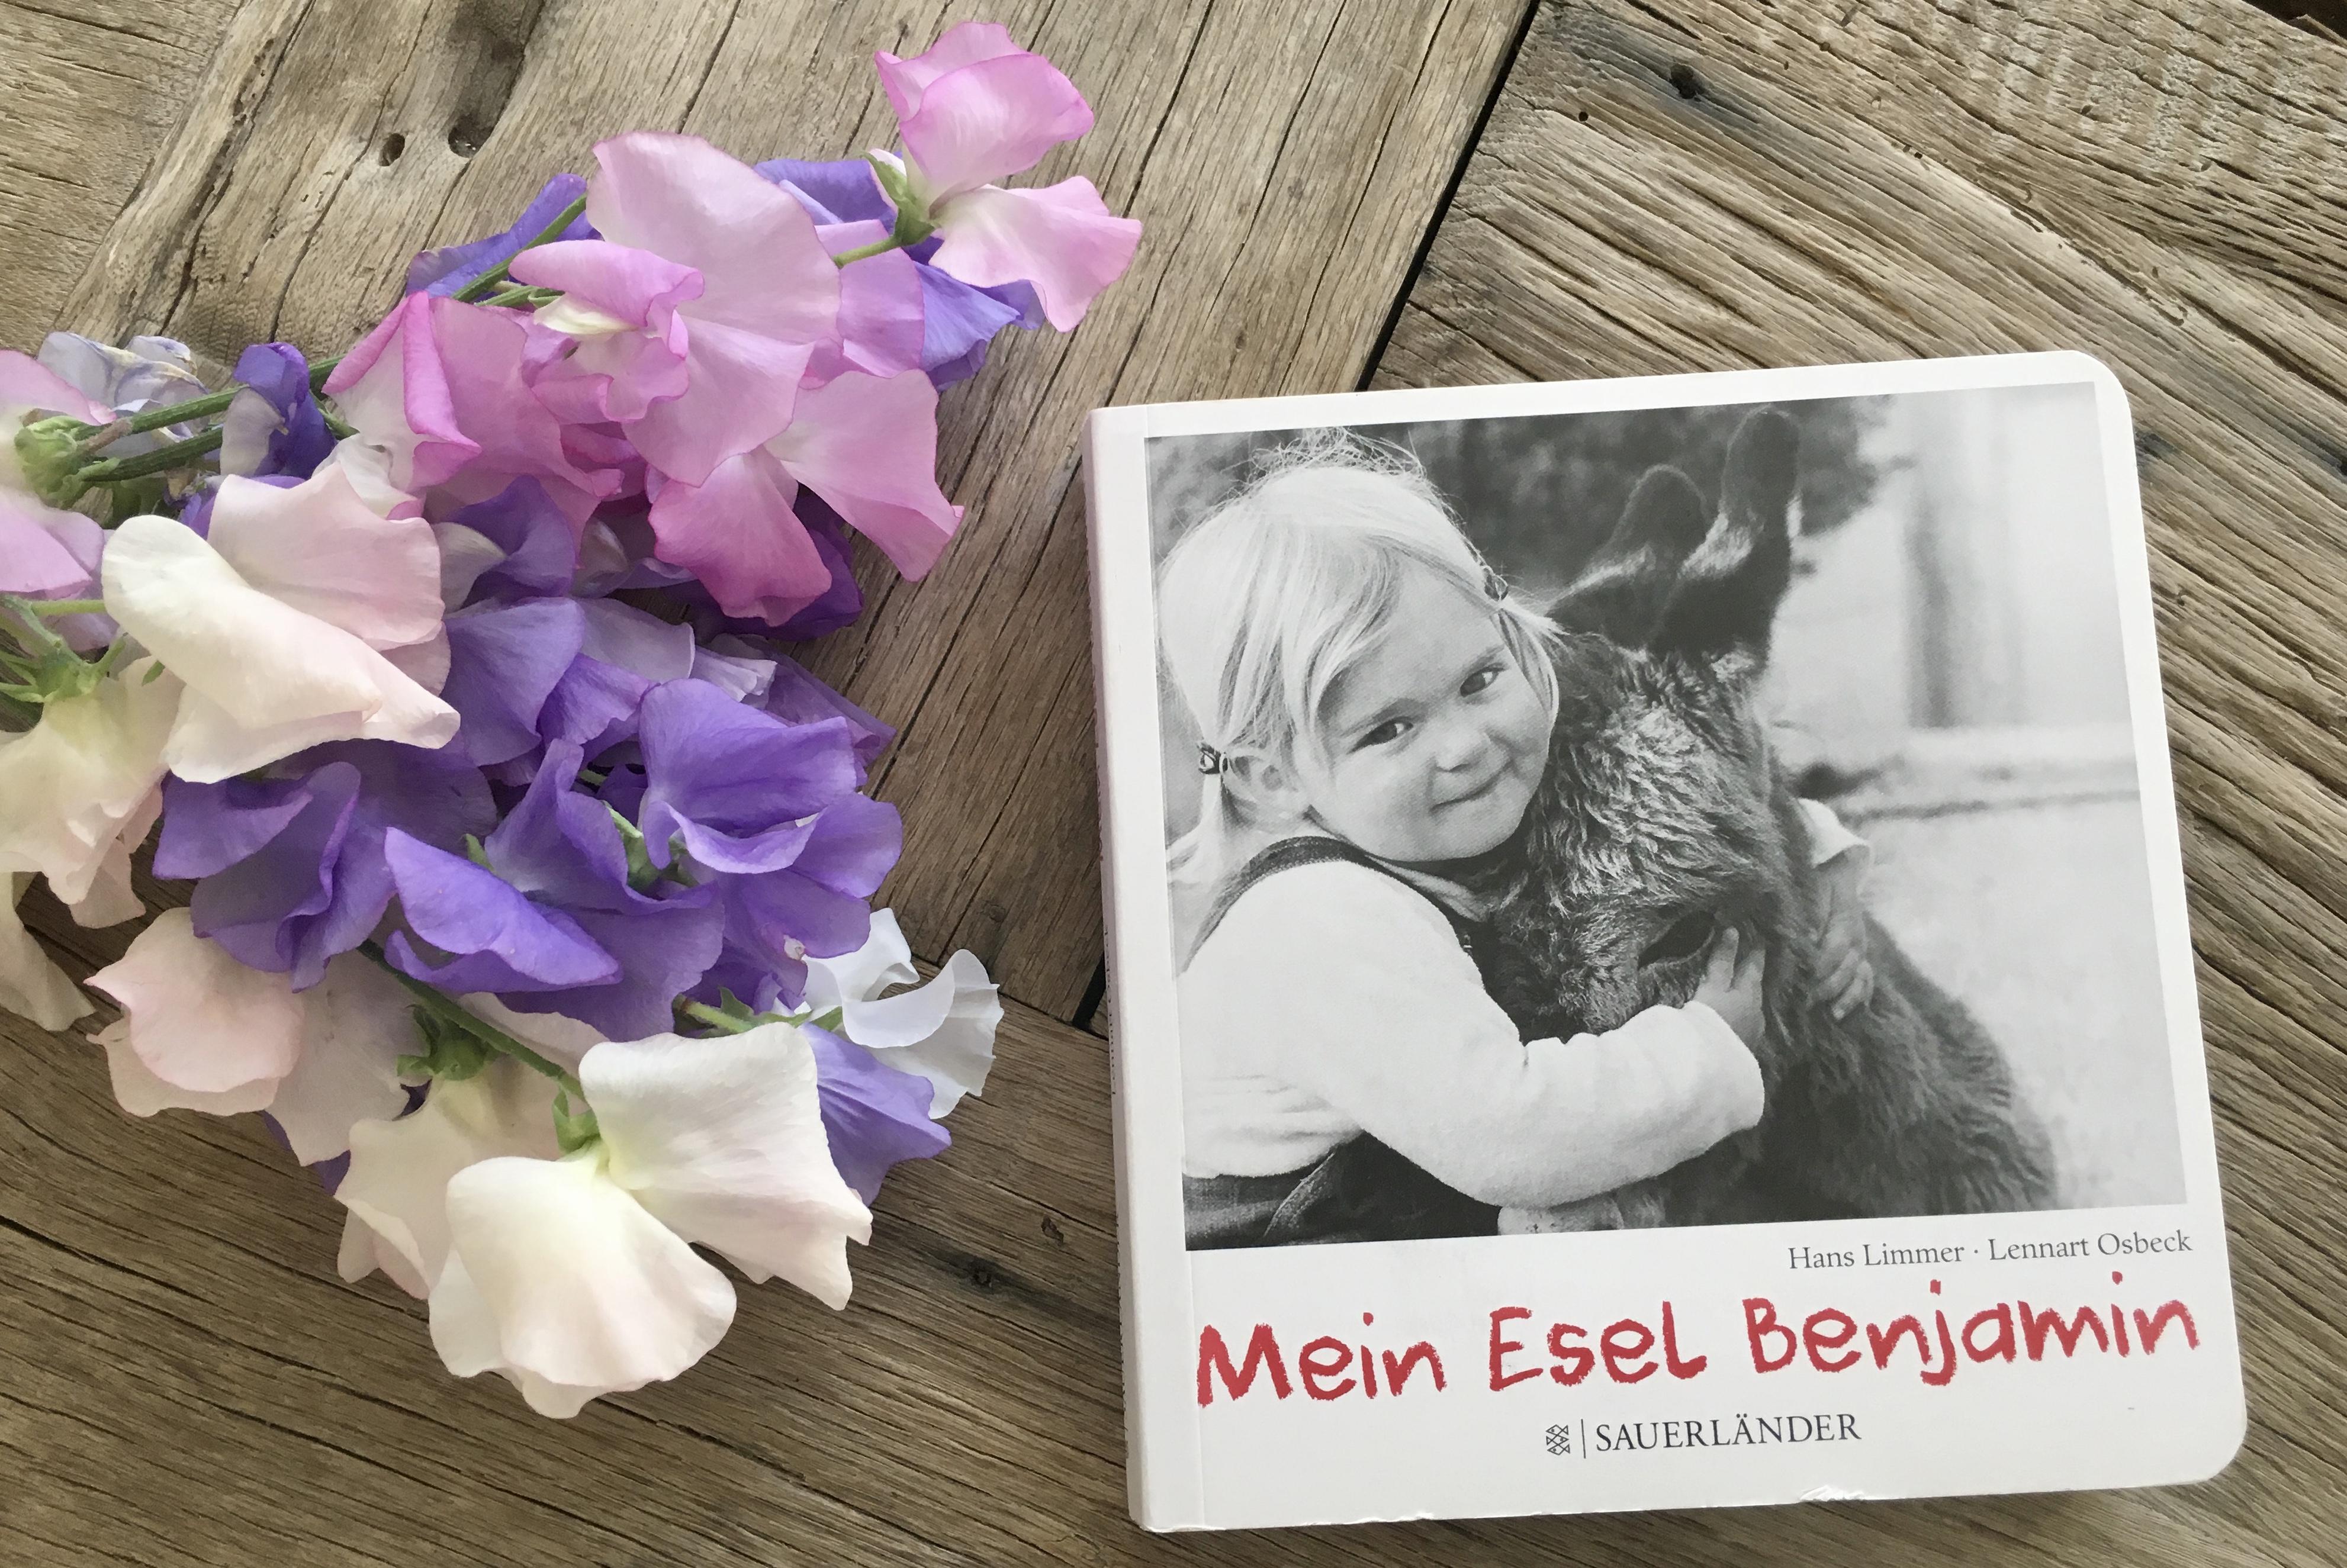 Mein Esel Benjamin von Hans Limmer und Lennart Osbeck (Fotos)